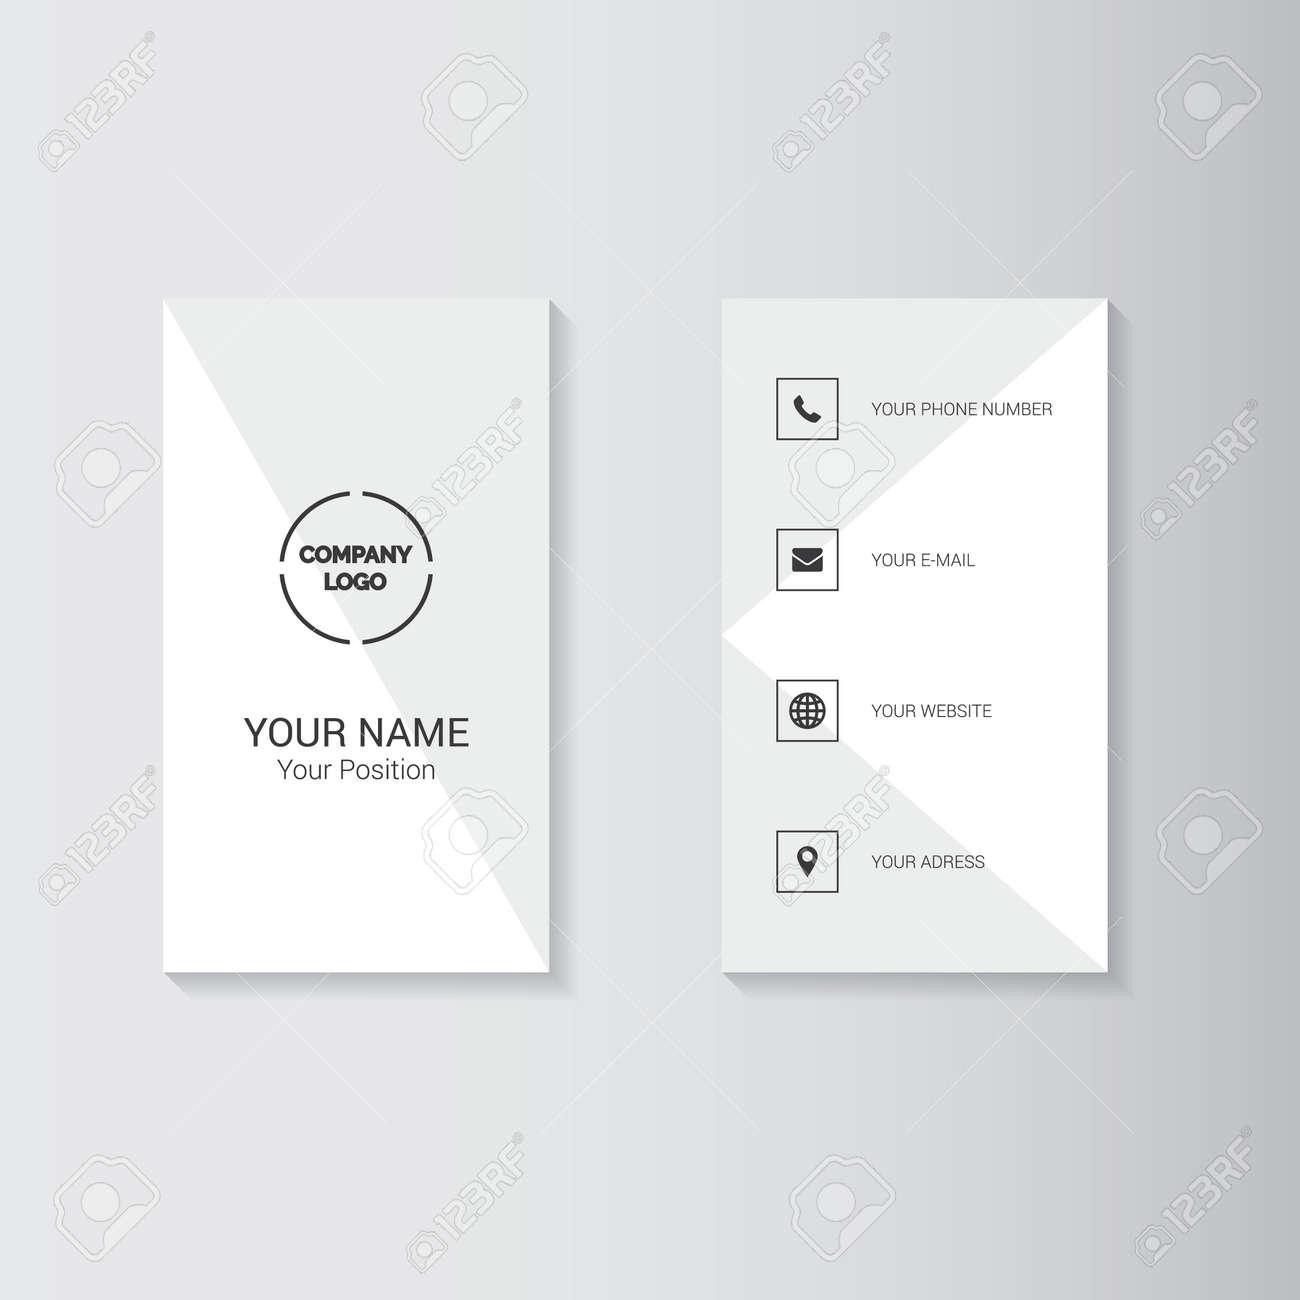 Plantilla Geométrica Simple Para Tarjetas De Visita Ilustraciones ...